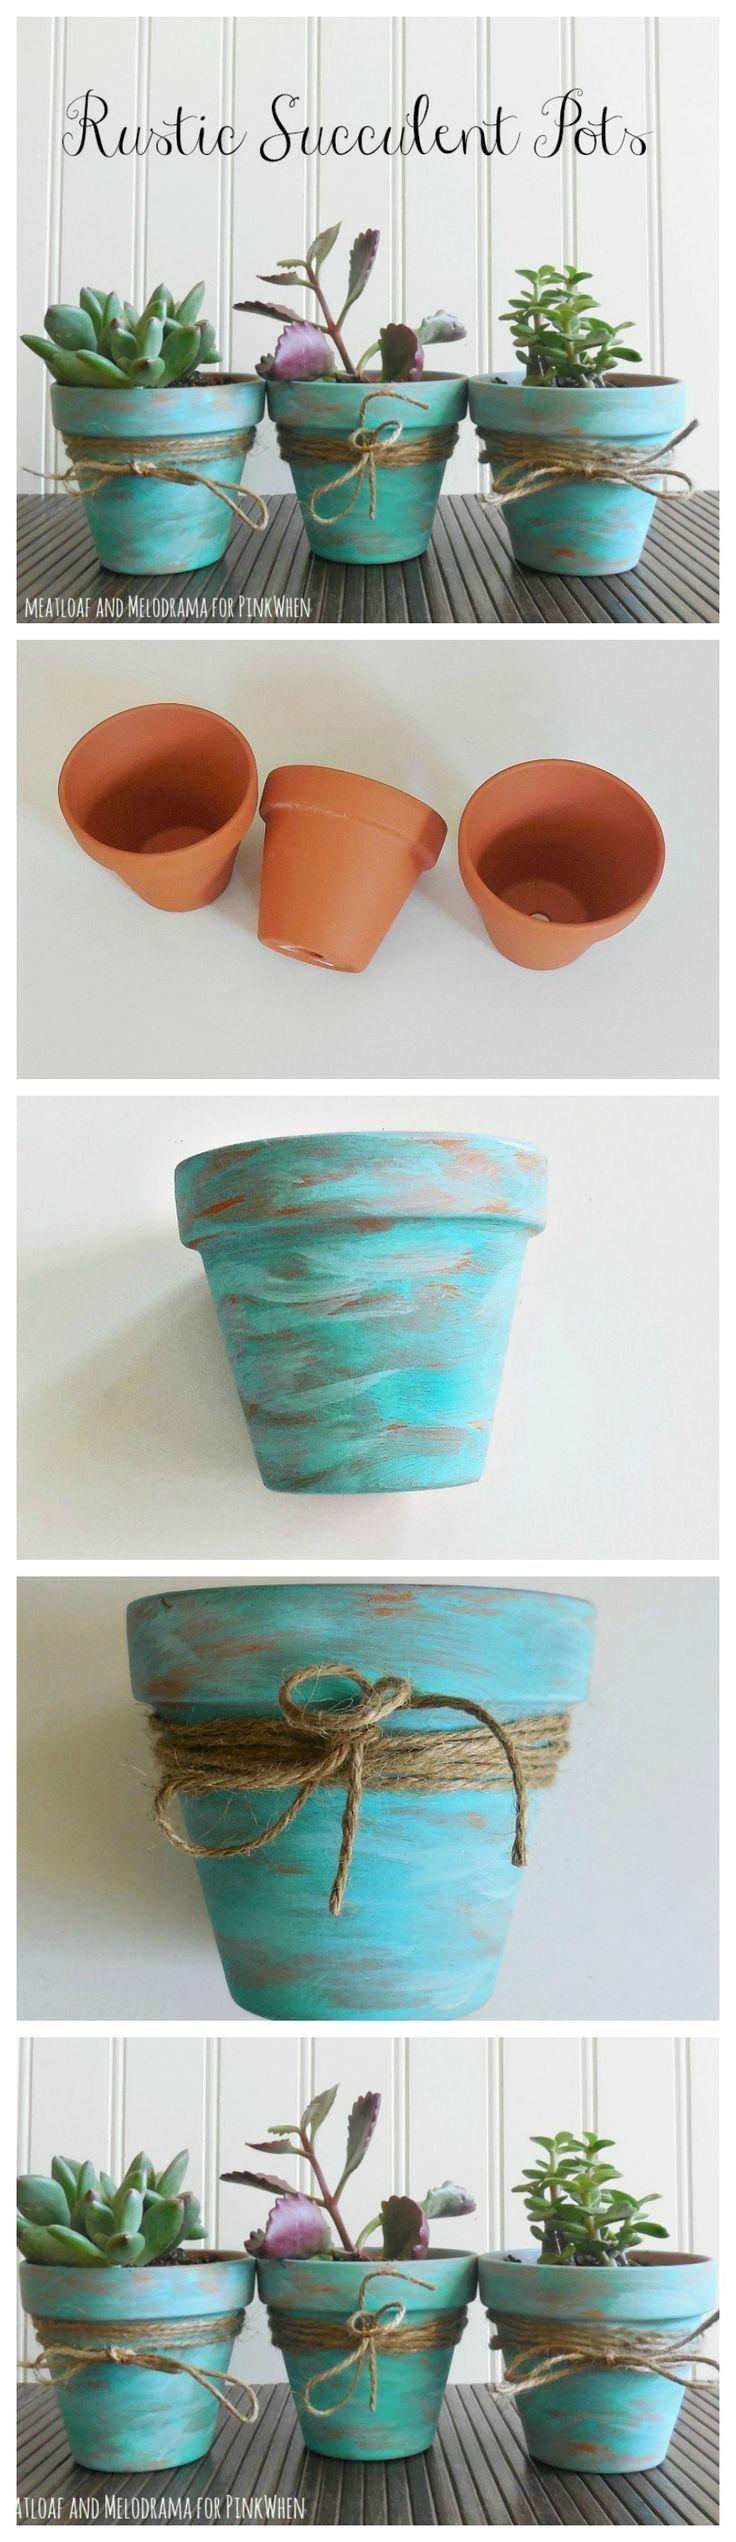 Diy furniture painting ideas - Diy Rustic Succulent Pots Succulent Candelicioussucculent Arrangementsfurniture Paint Colorsliving